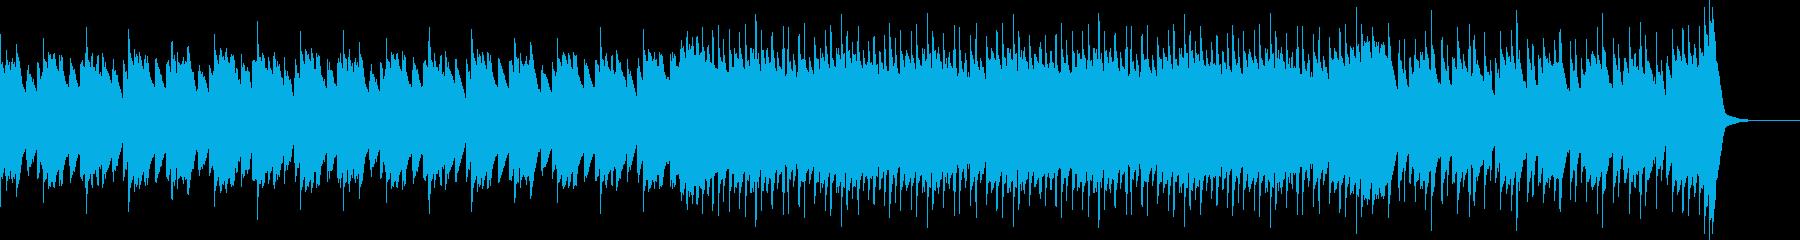 静かで穏やかなピアノジングルの再生済みの波形